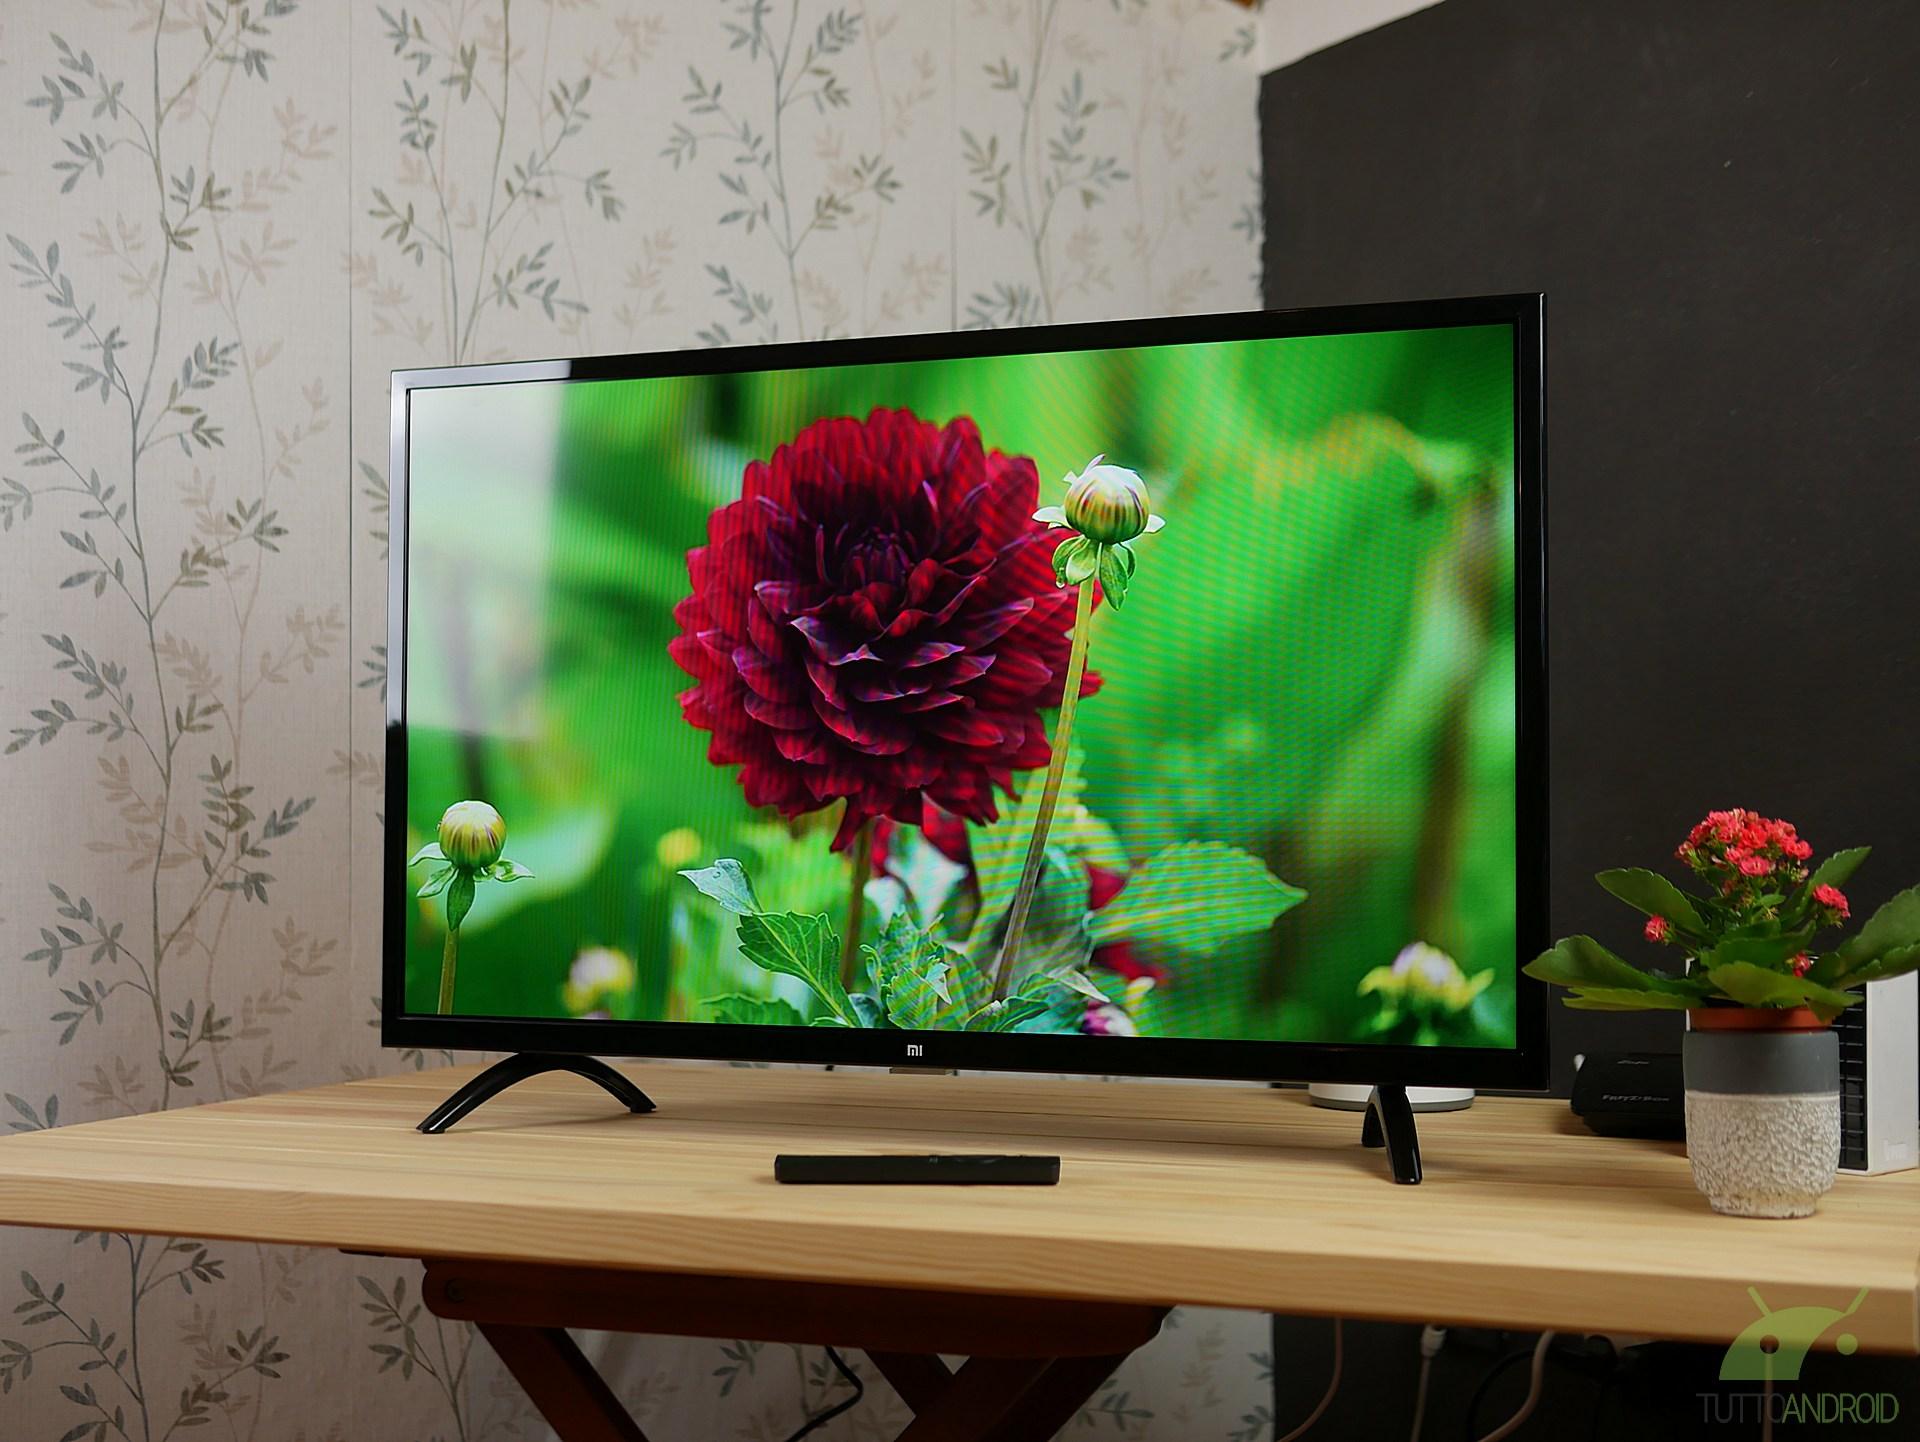 Xiaomi picchia duro sul mercato delle smart TV: tre nuovi mo